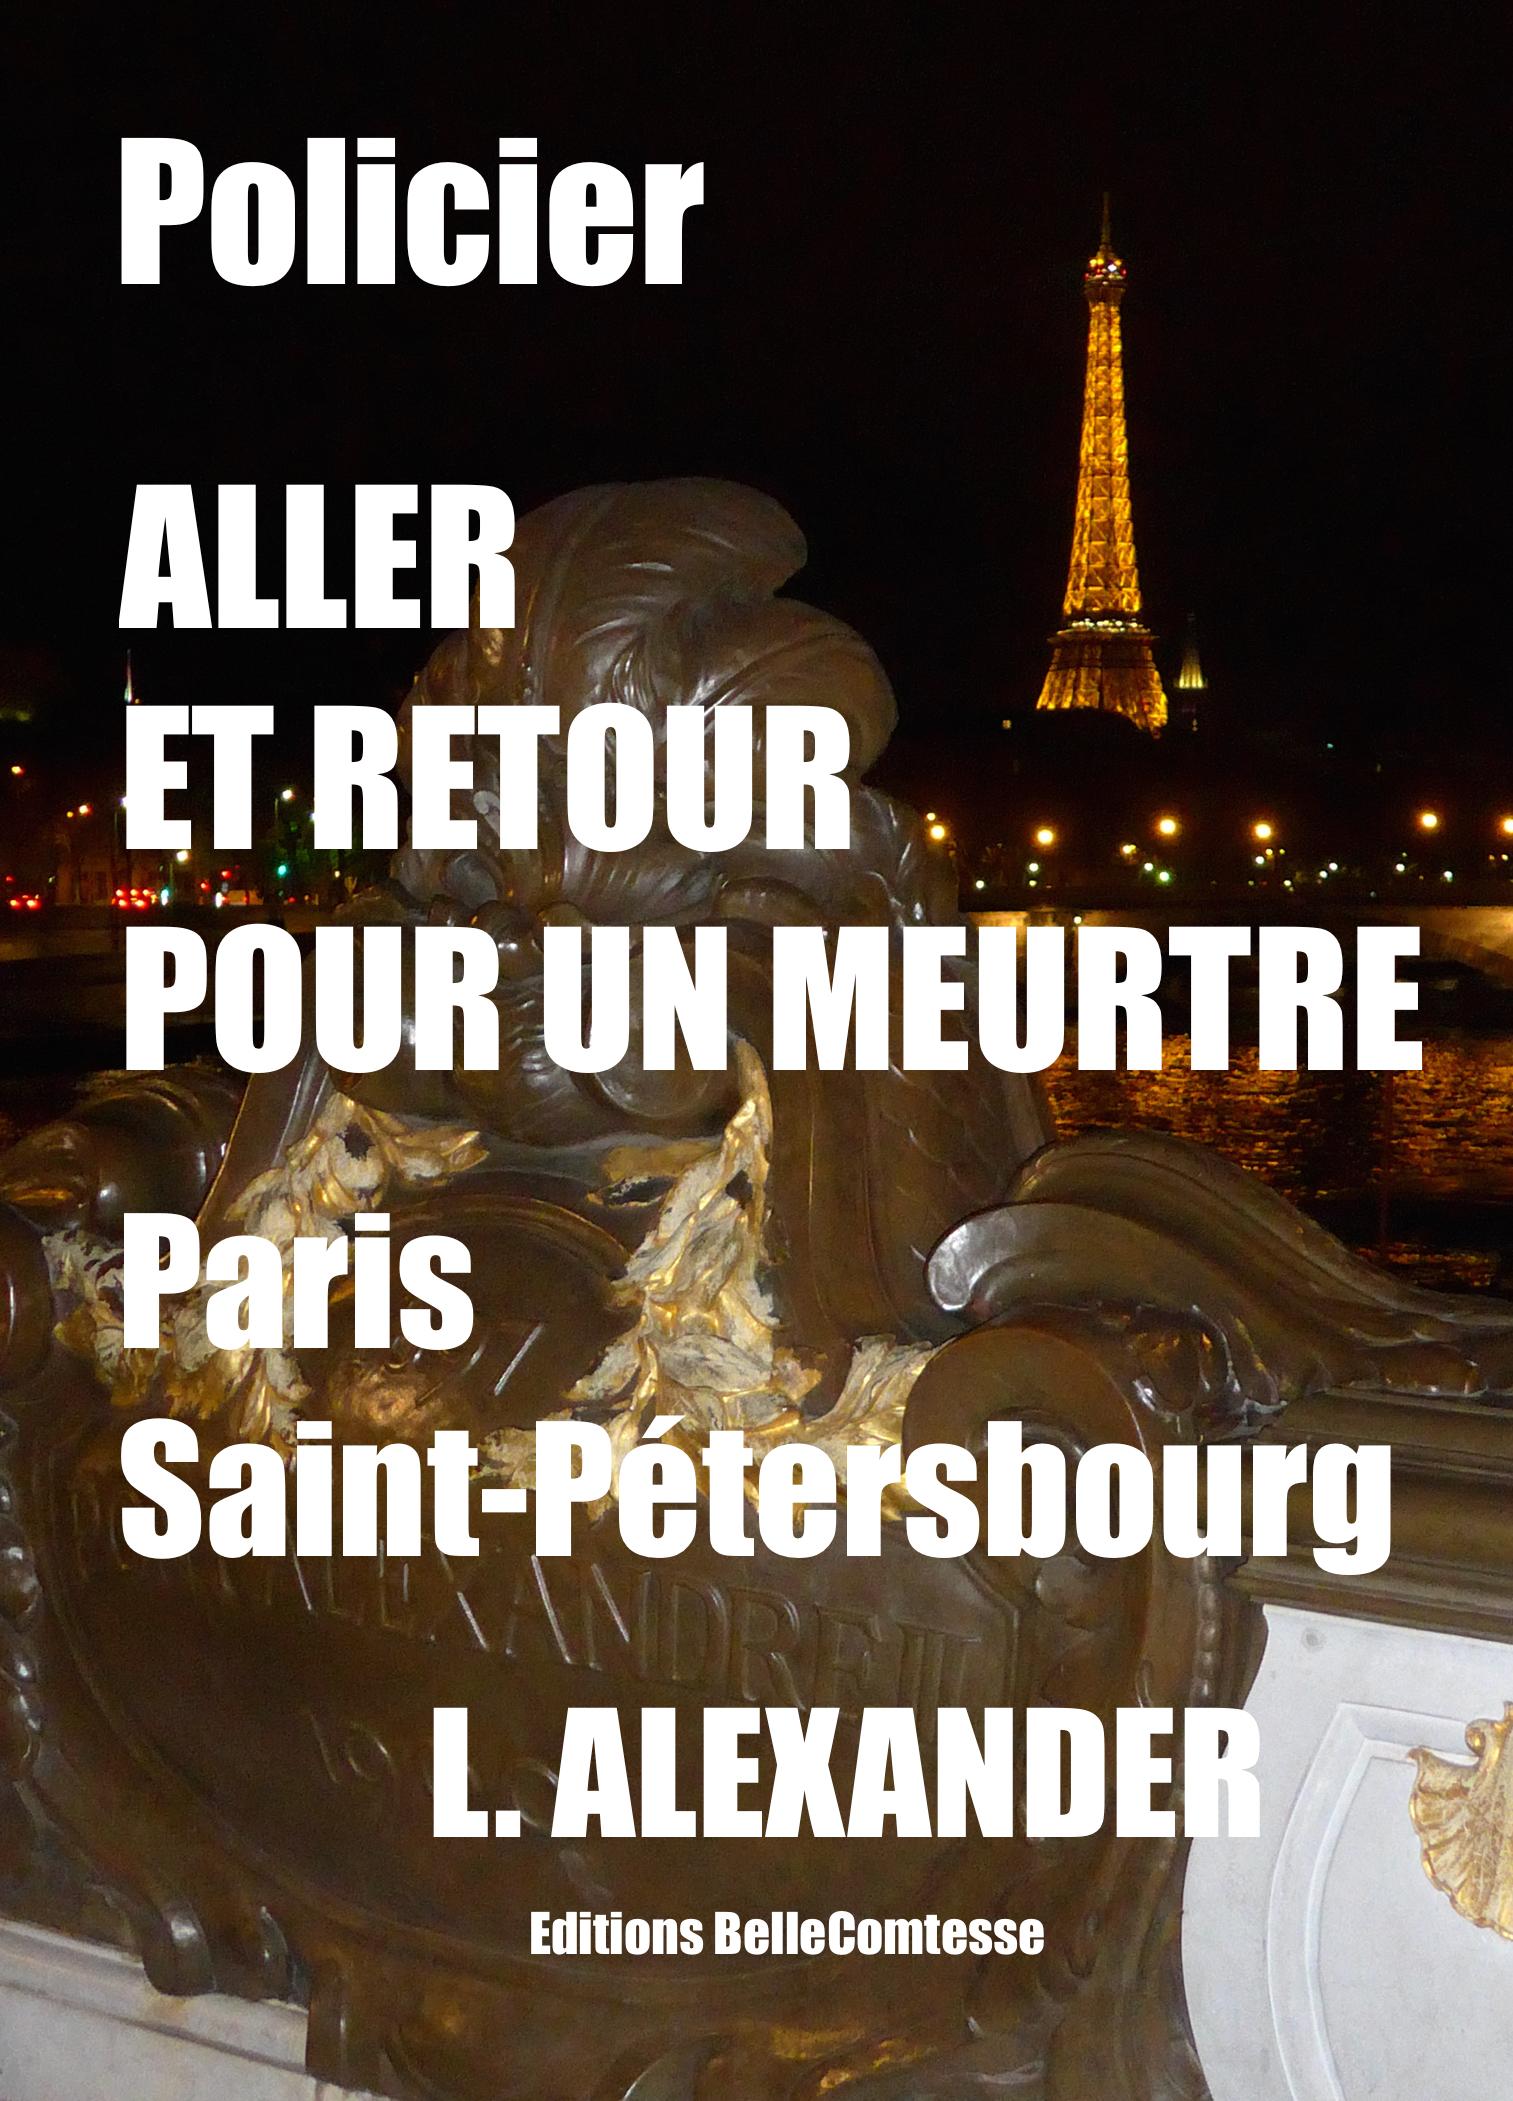 ALLER ET RETOUR POUR UN MEURTRE PARIS SAINT-PETERSBOURG